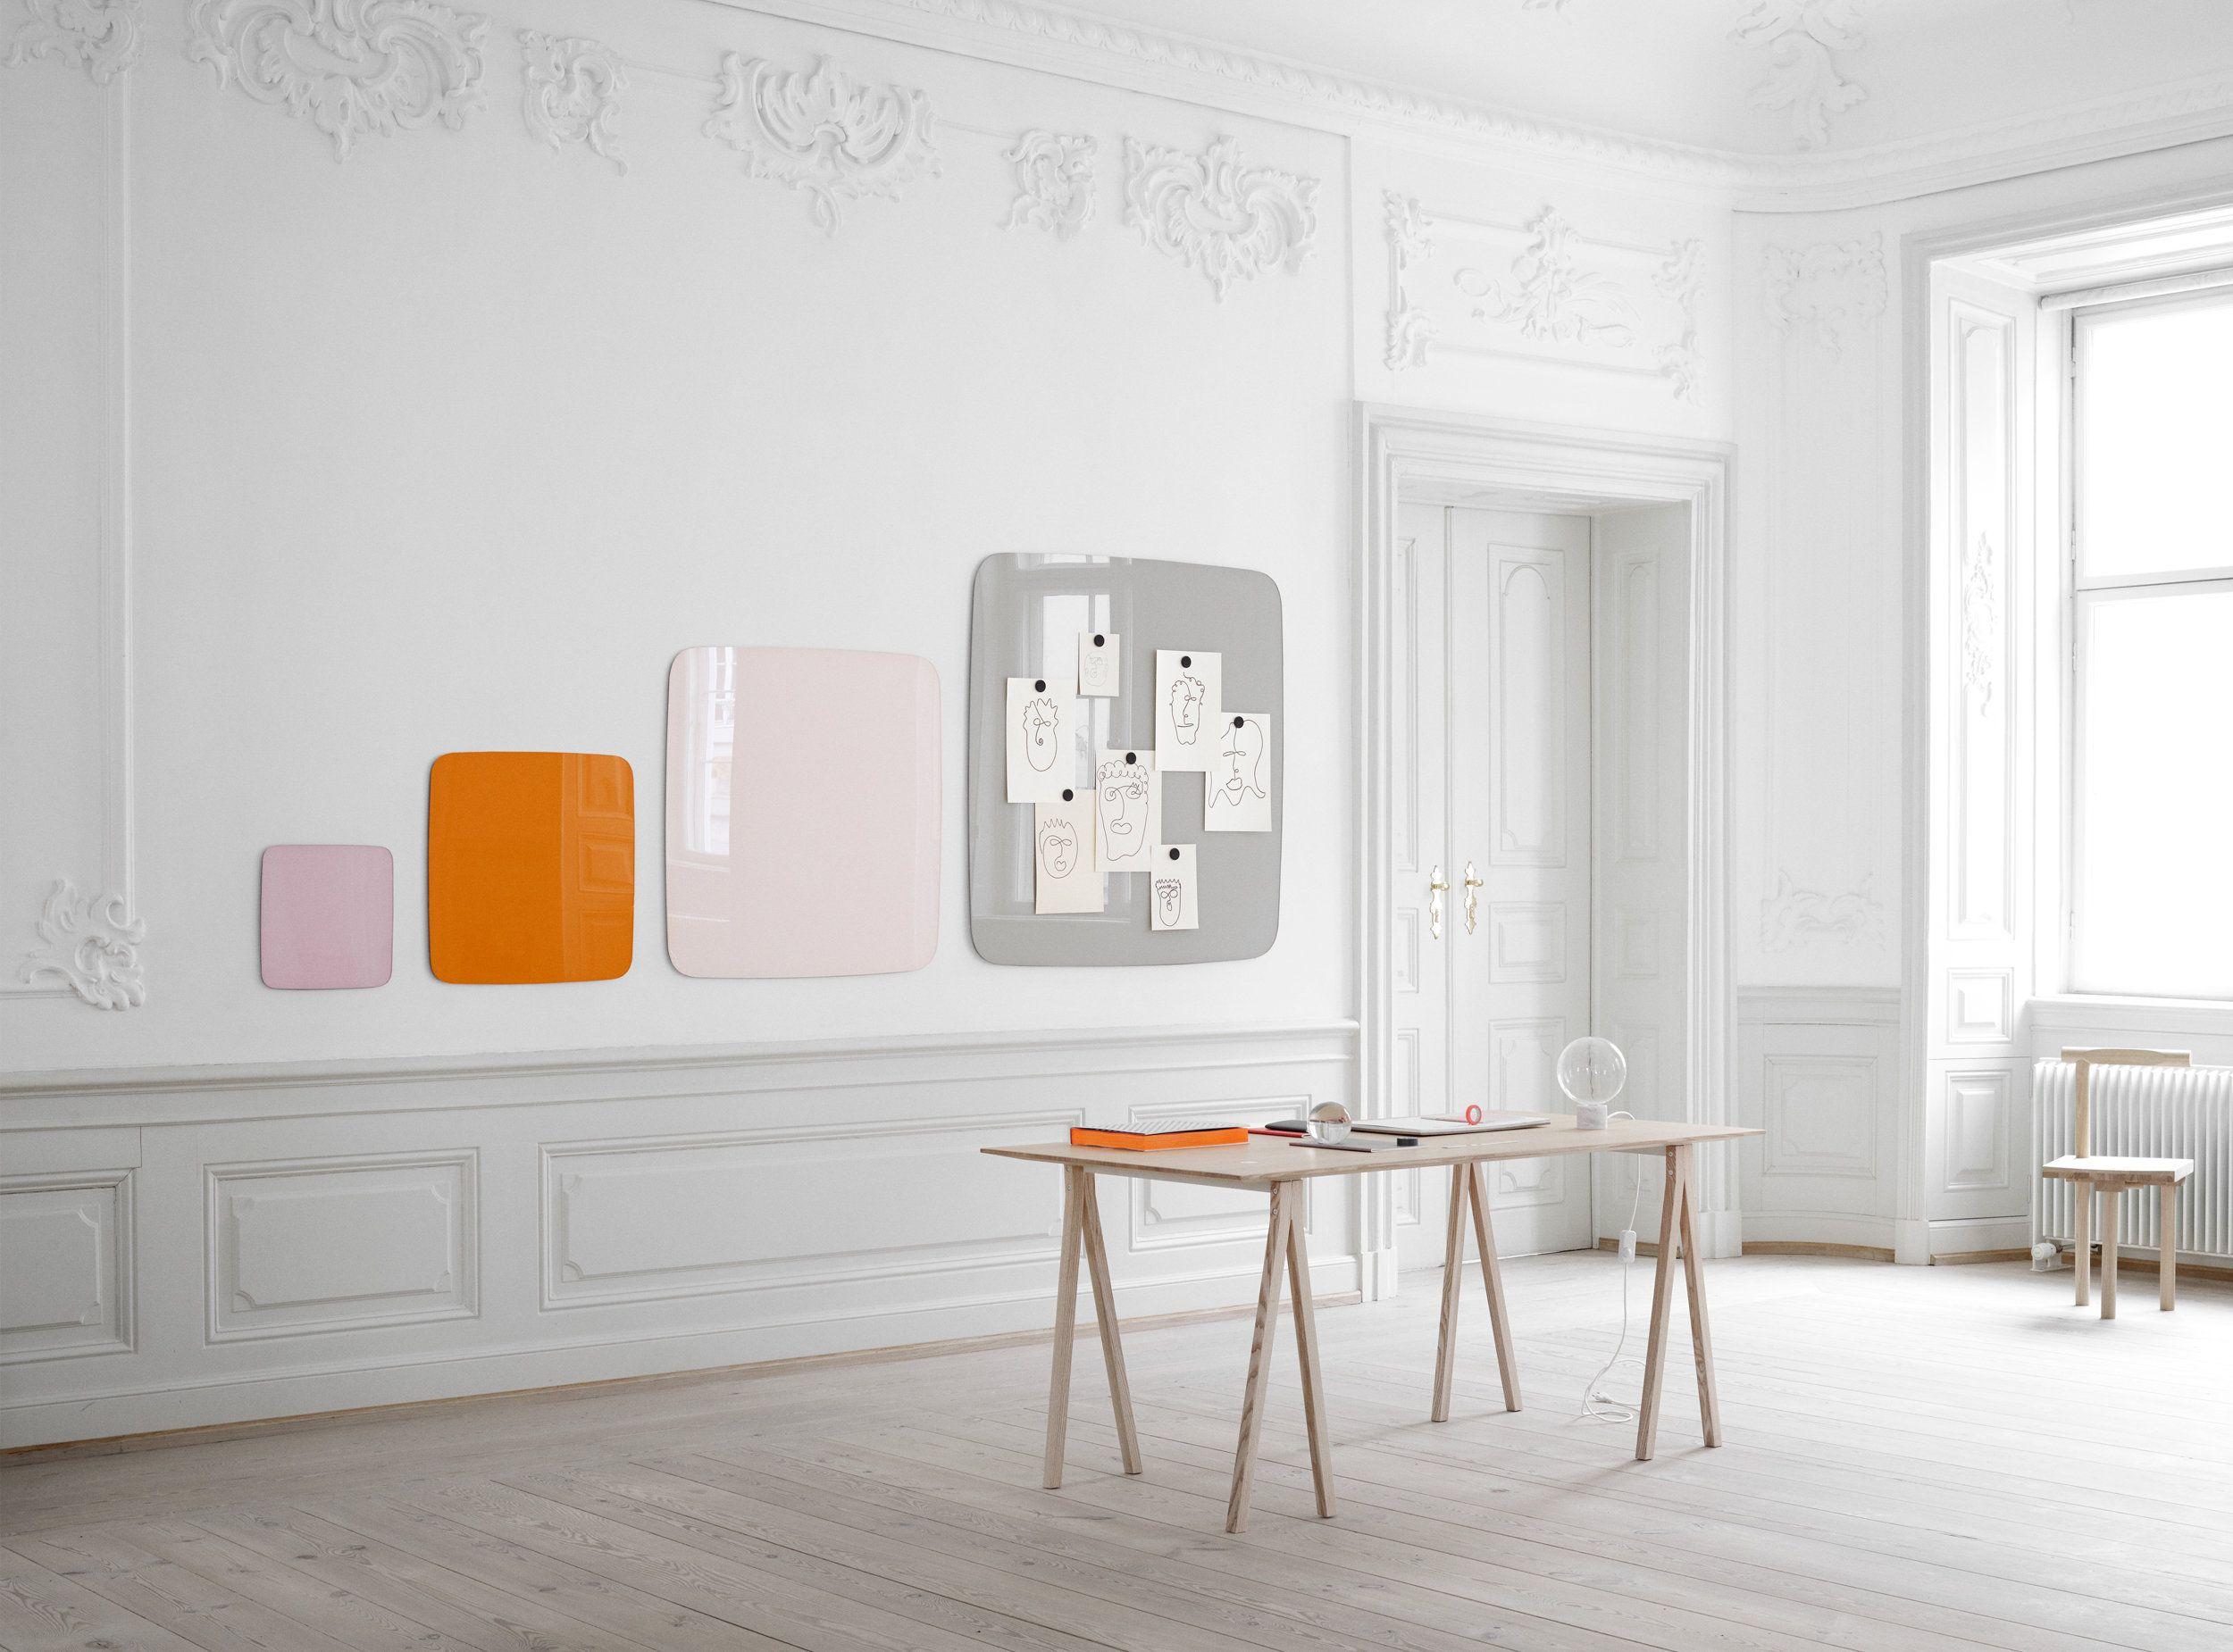 tableau magntique leroy merlin interesting tableau. Black Bedroom Furniture Sets. Home Design Ideas